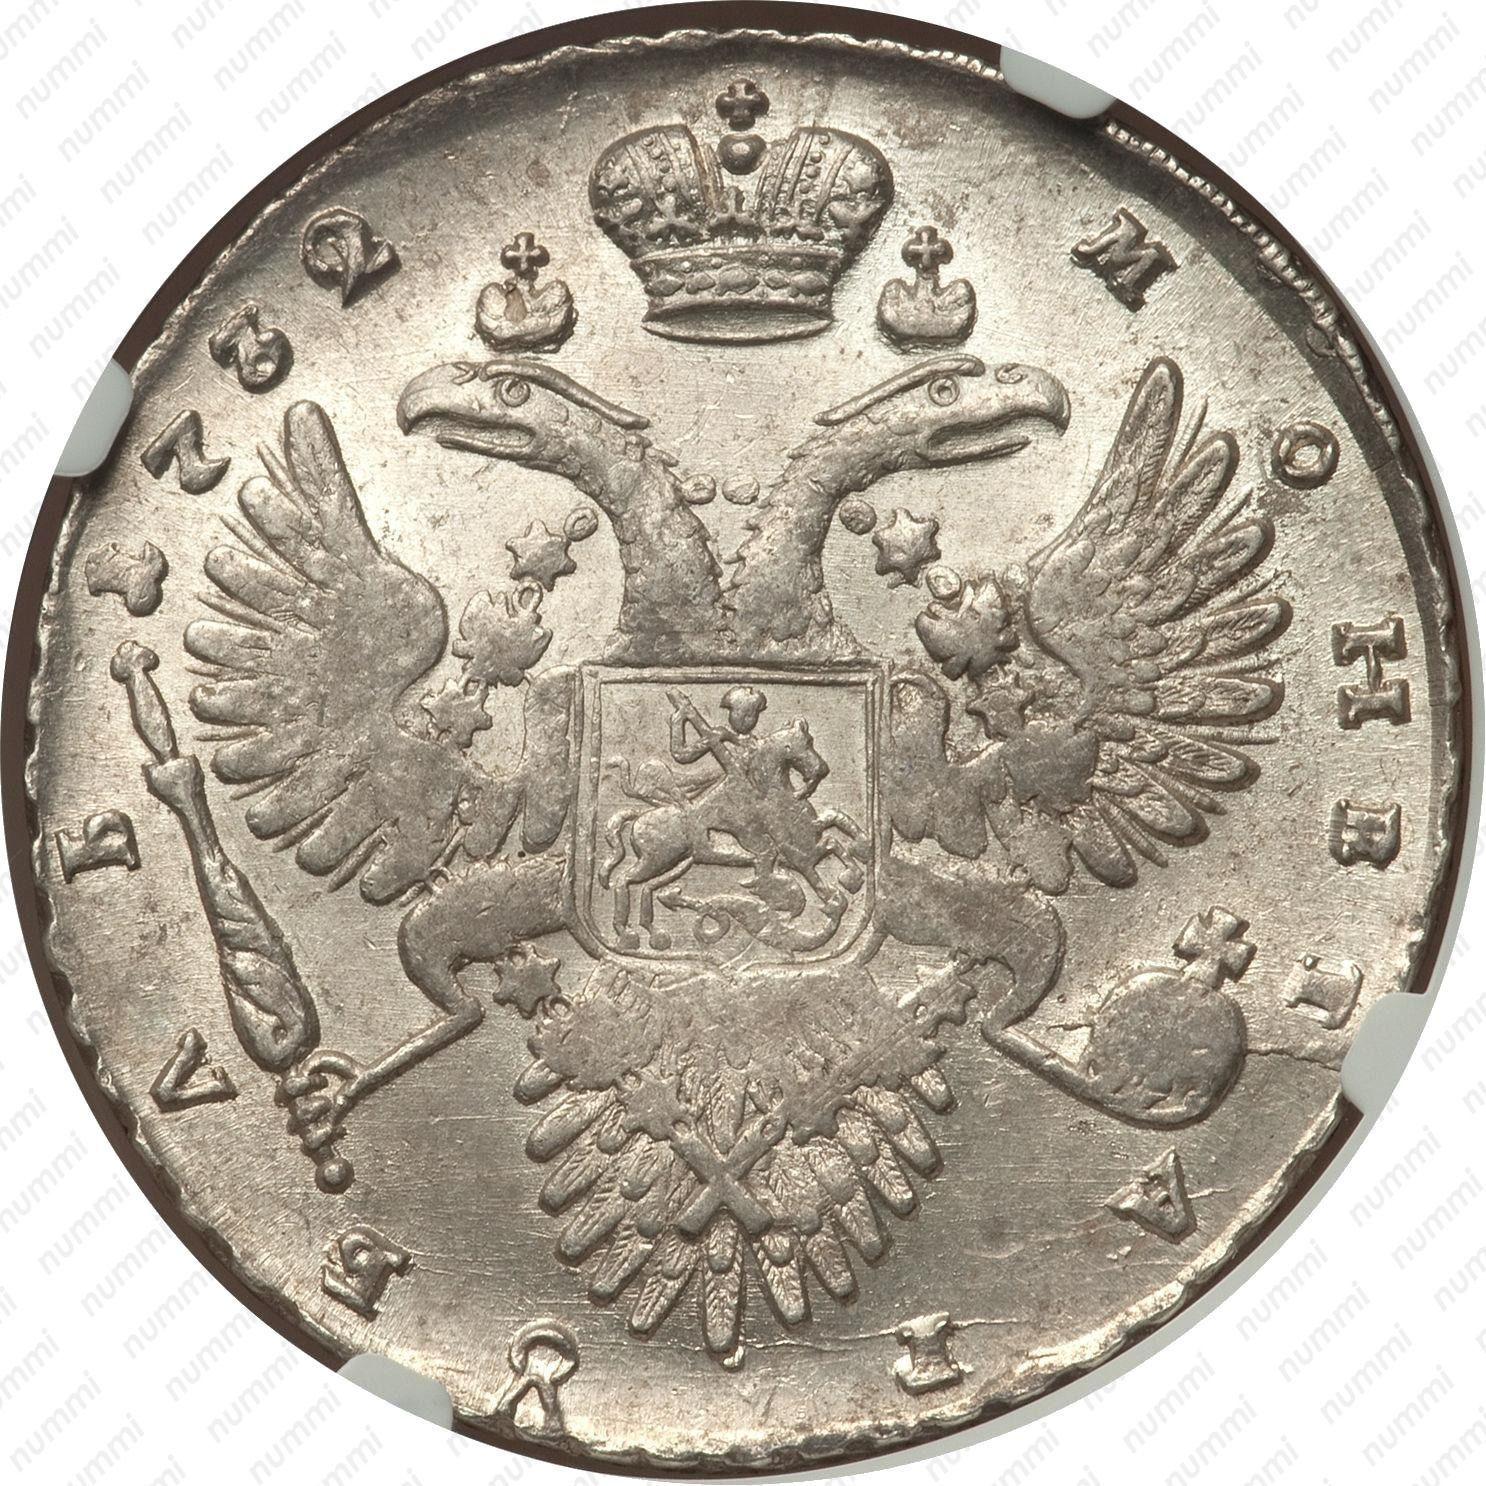 1 рубль 1732, крест державы простой - Реверс ...